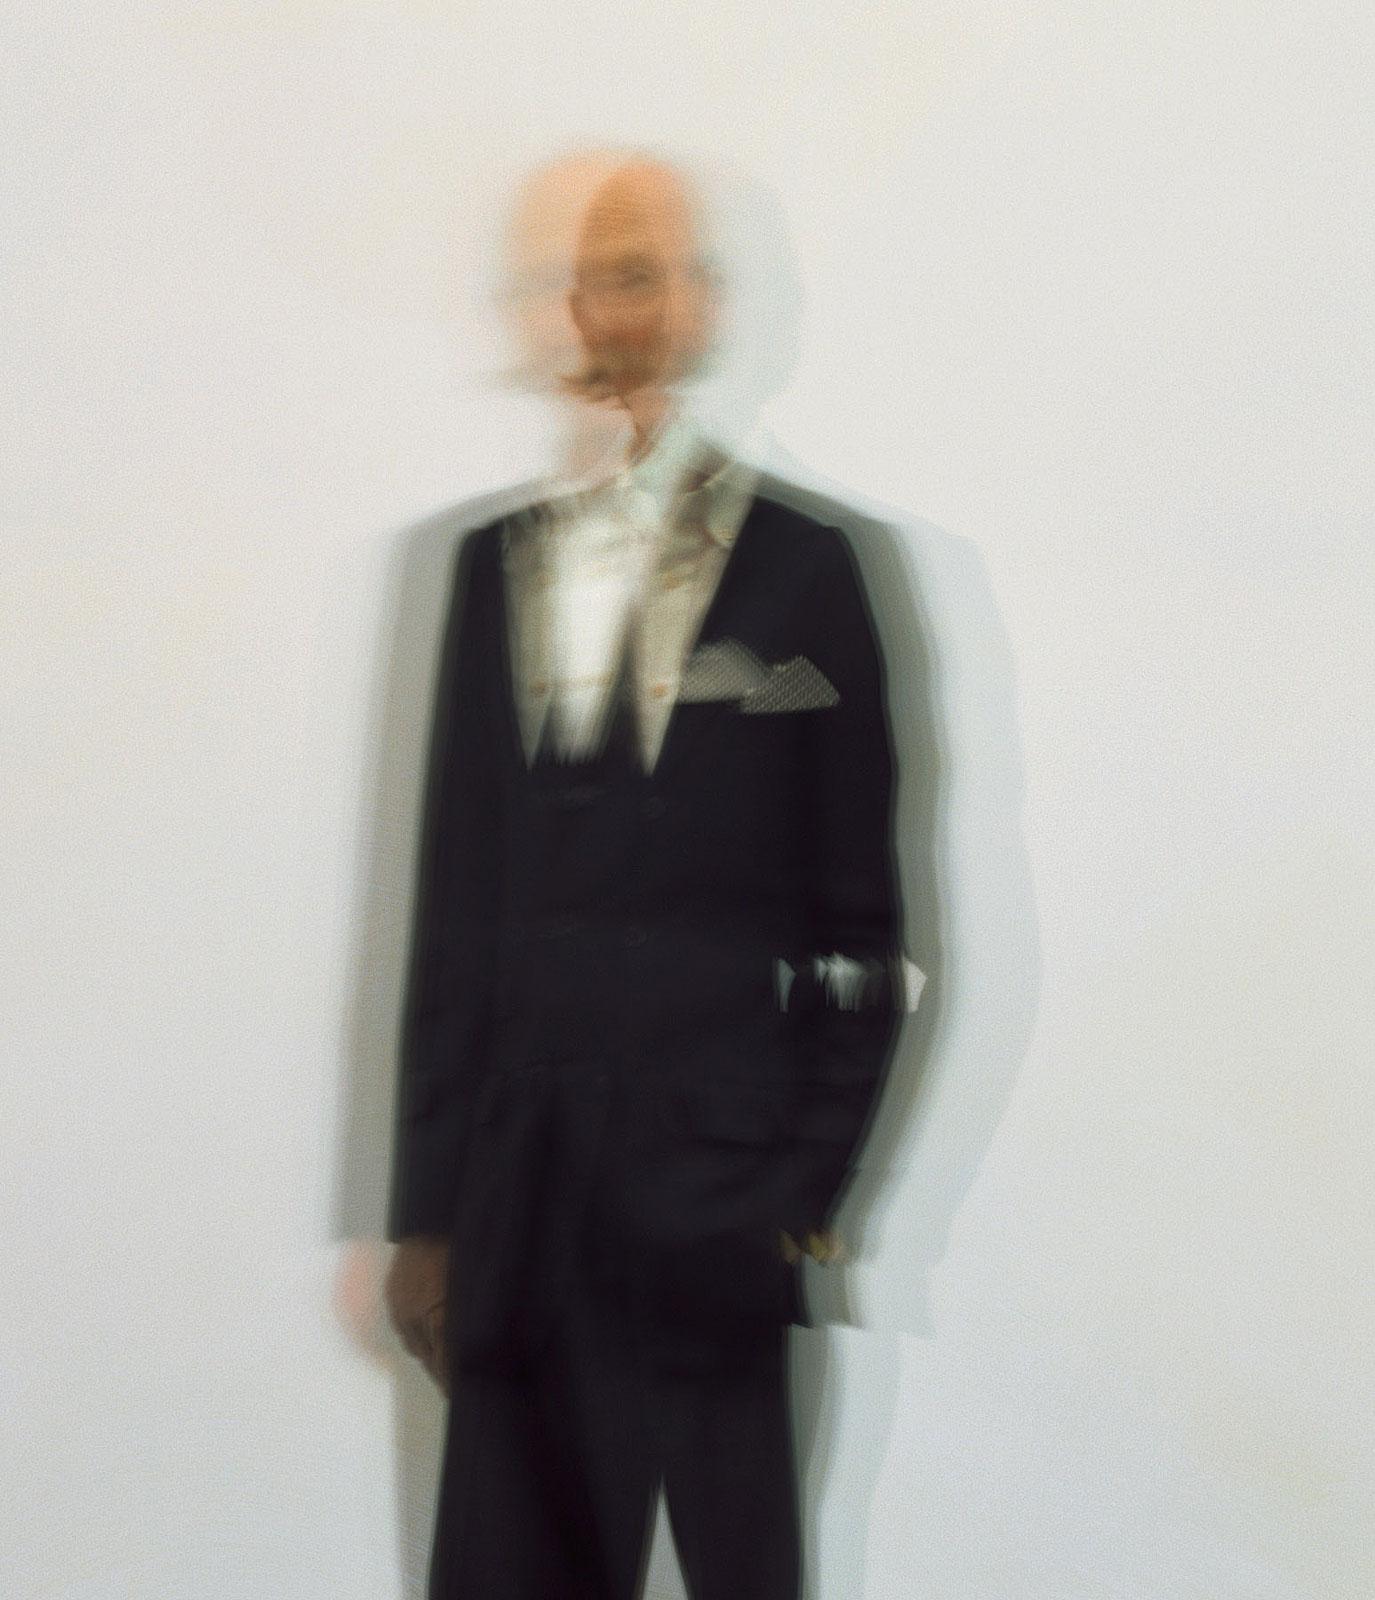 Peter Schaufler (16.40 - 16.45 Uhr, 21.5.2009)